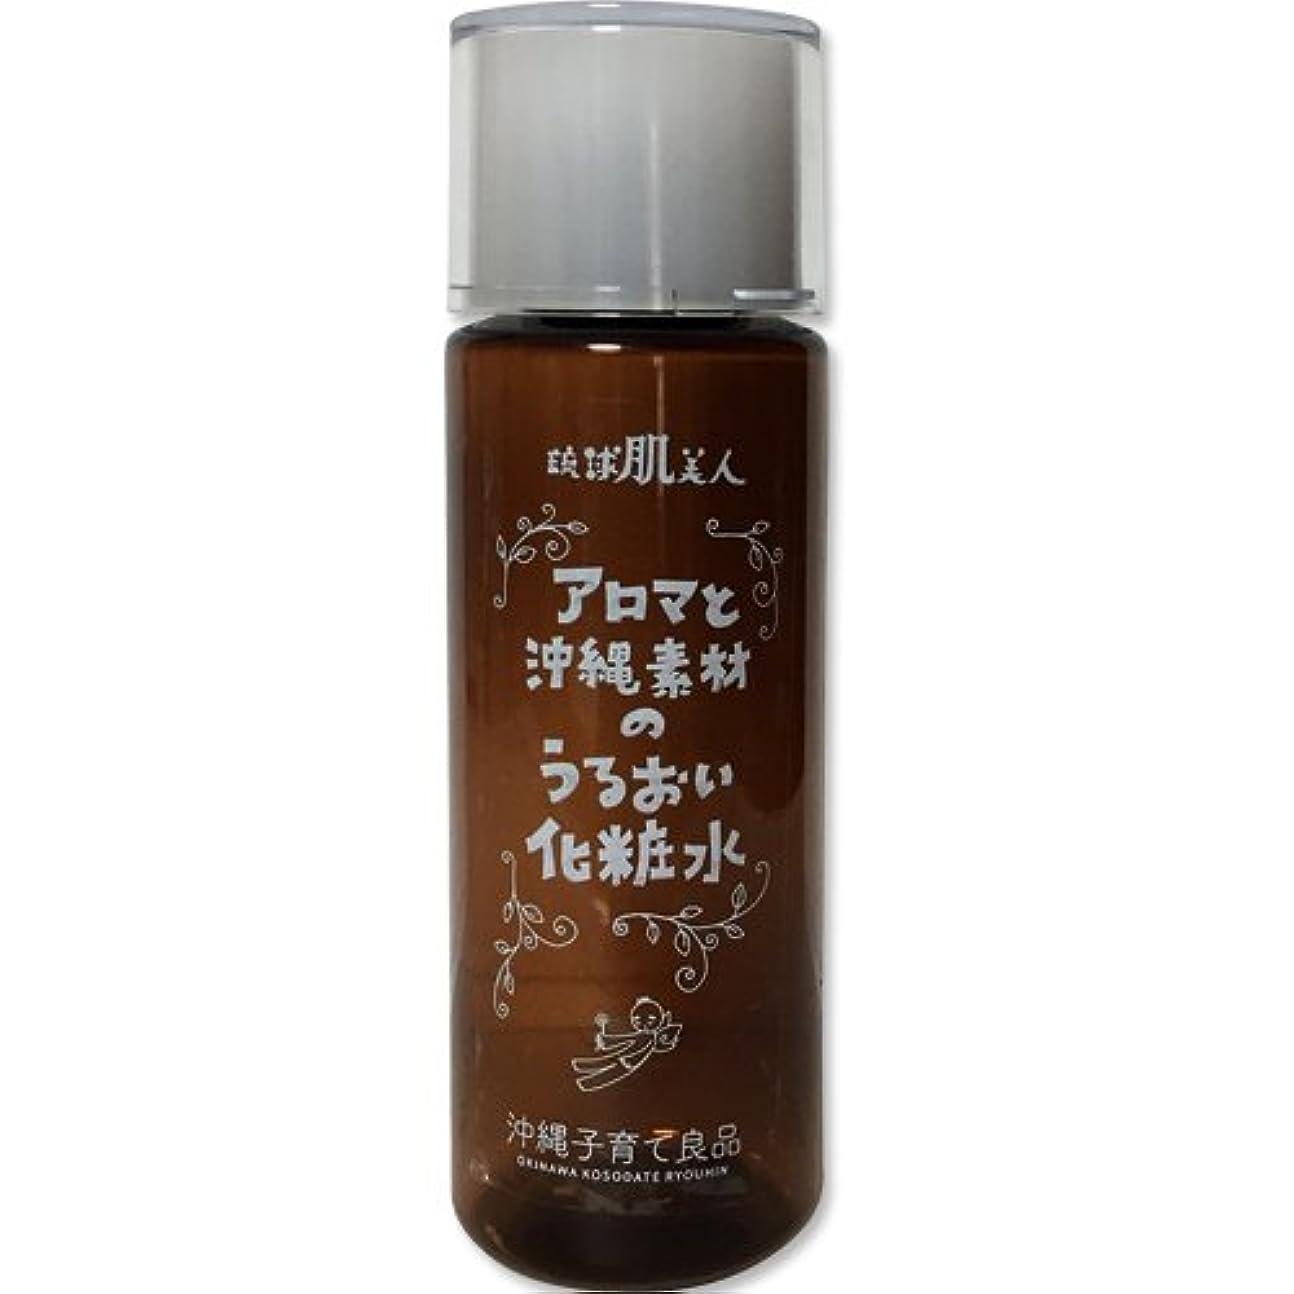 ドル答えマトン保湿 化粧水 無添加 アルコールフリー アロマと沖縄素材のうるおい化粧水 120ml